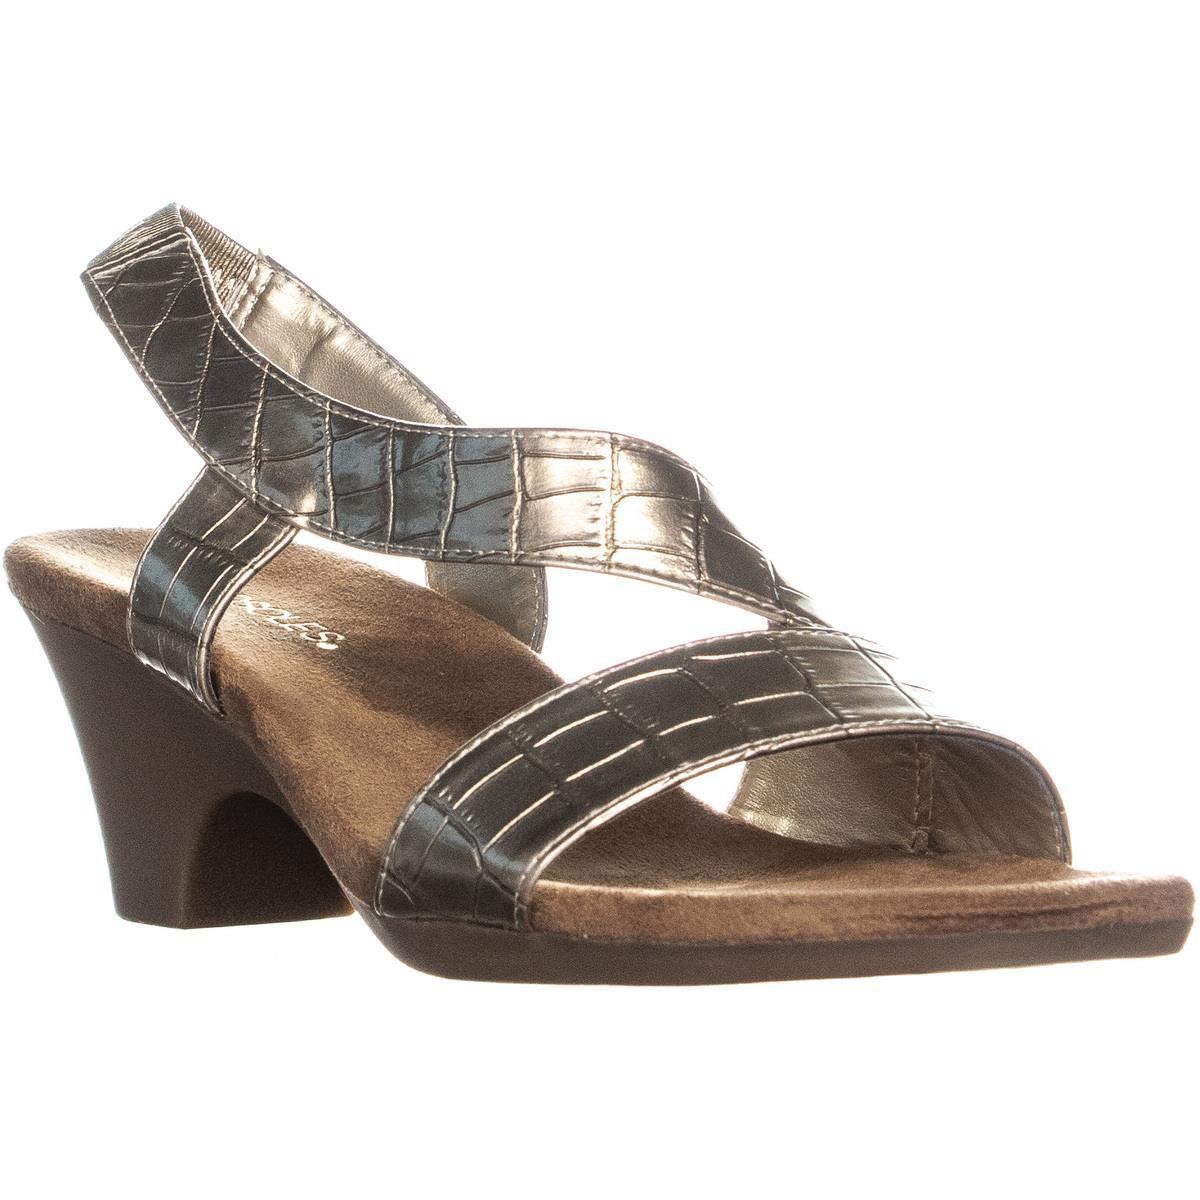 66ca43e835de Aerosoles. Women s Brasserie Slingback Slip On Sandals ...